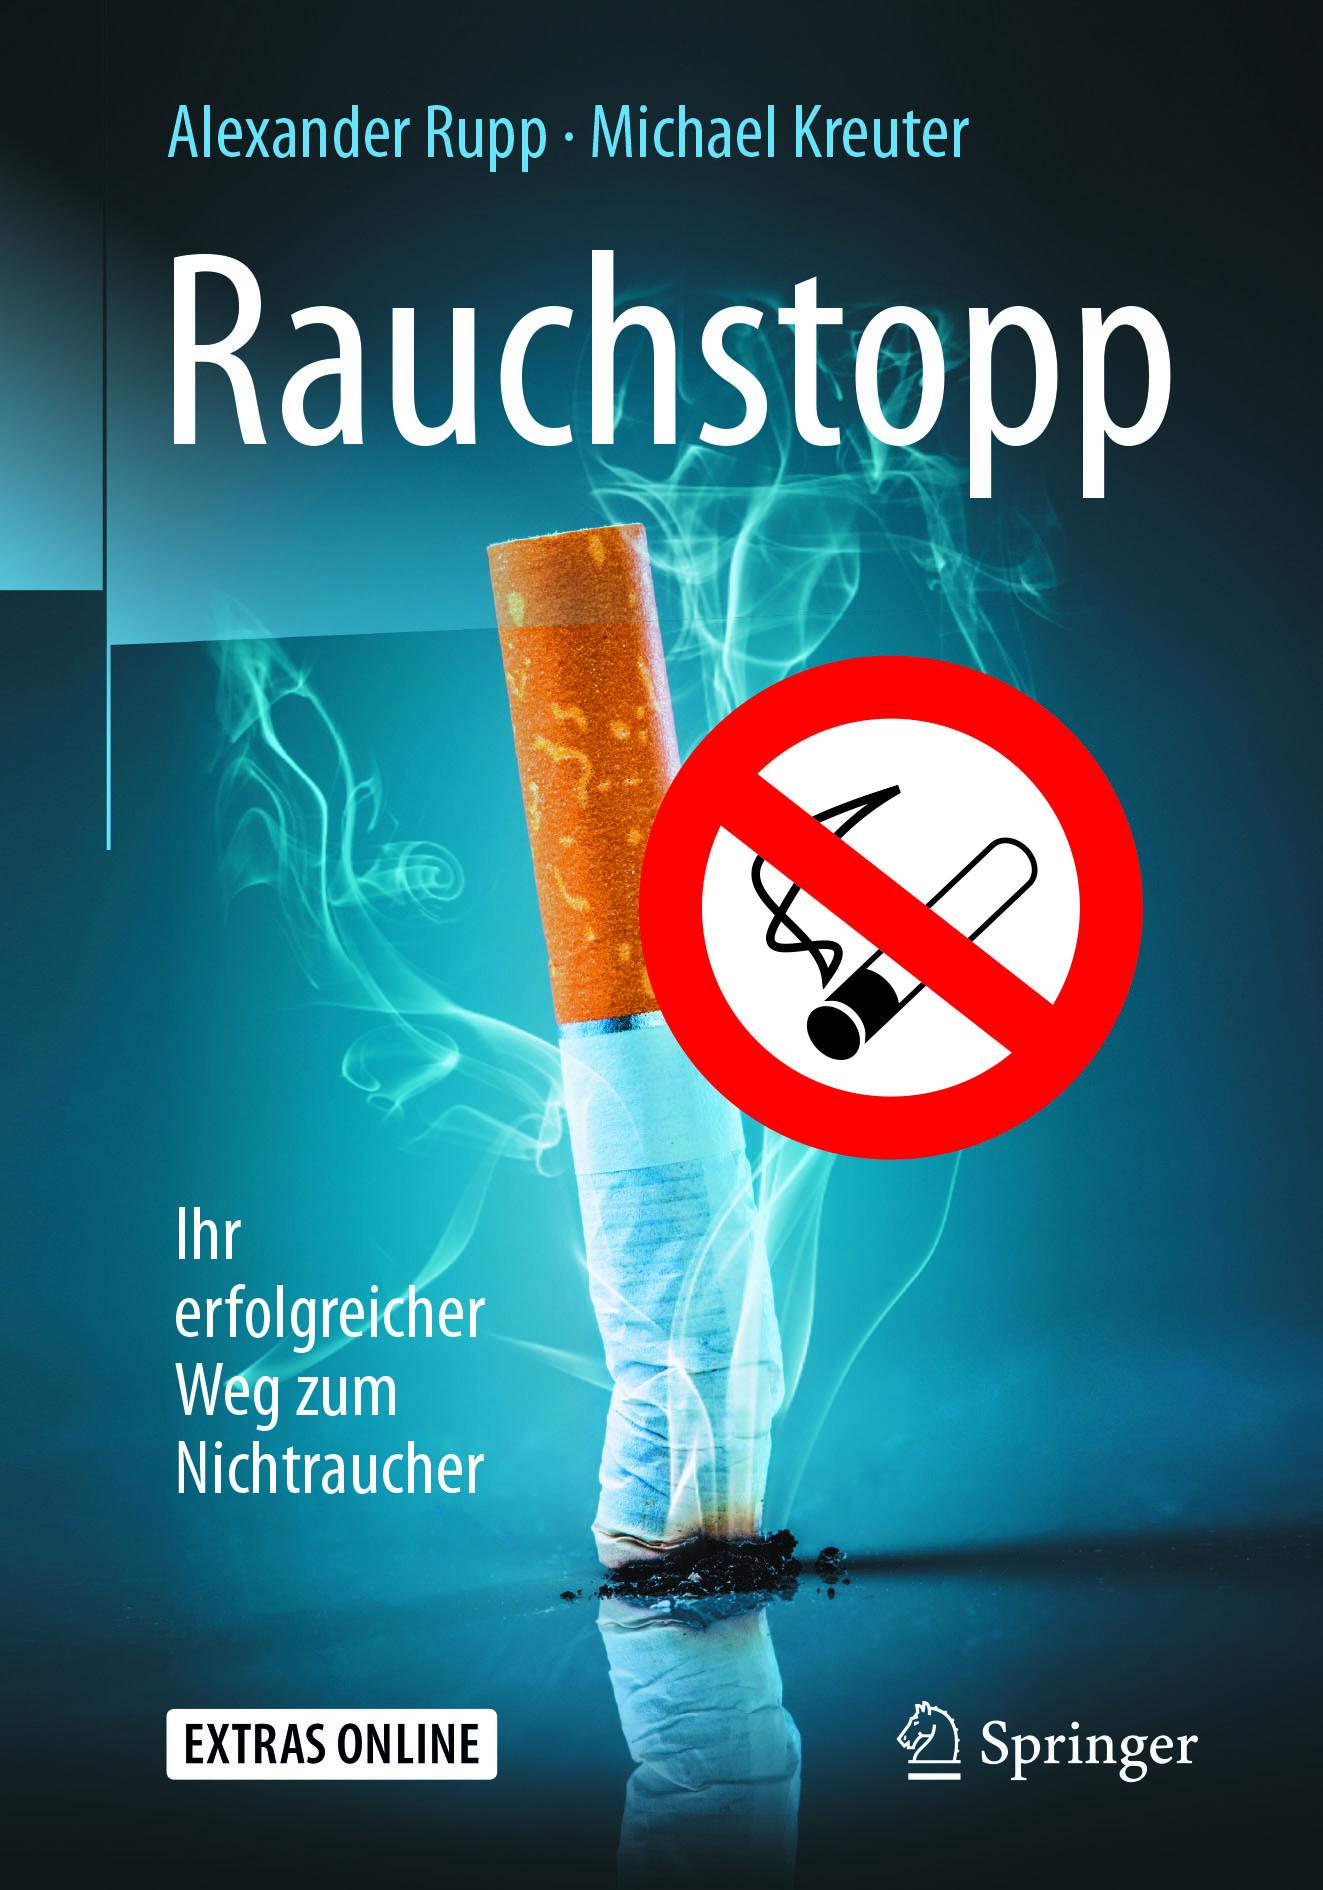 Kreuter, Michael - Rauchstopp, ebook